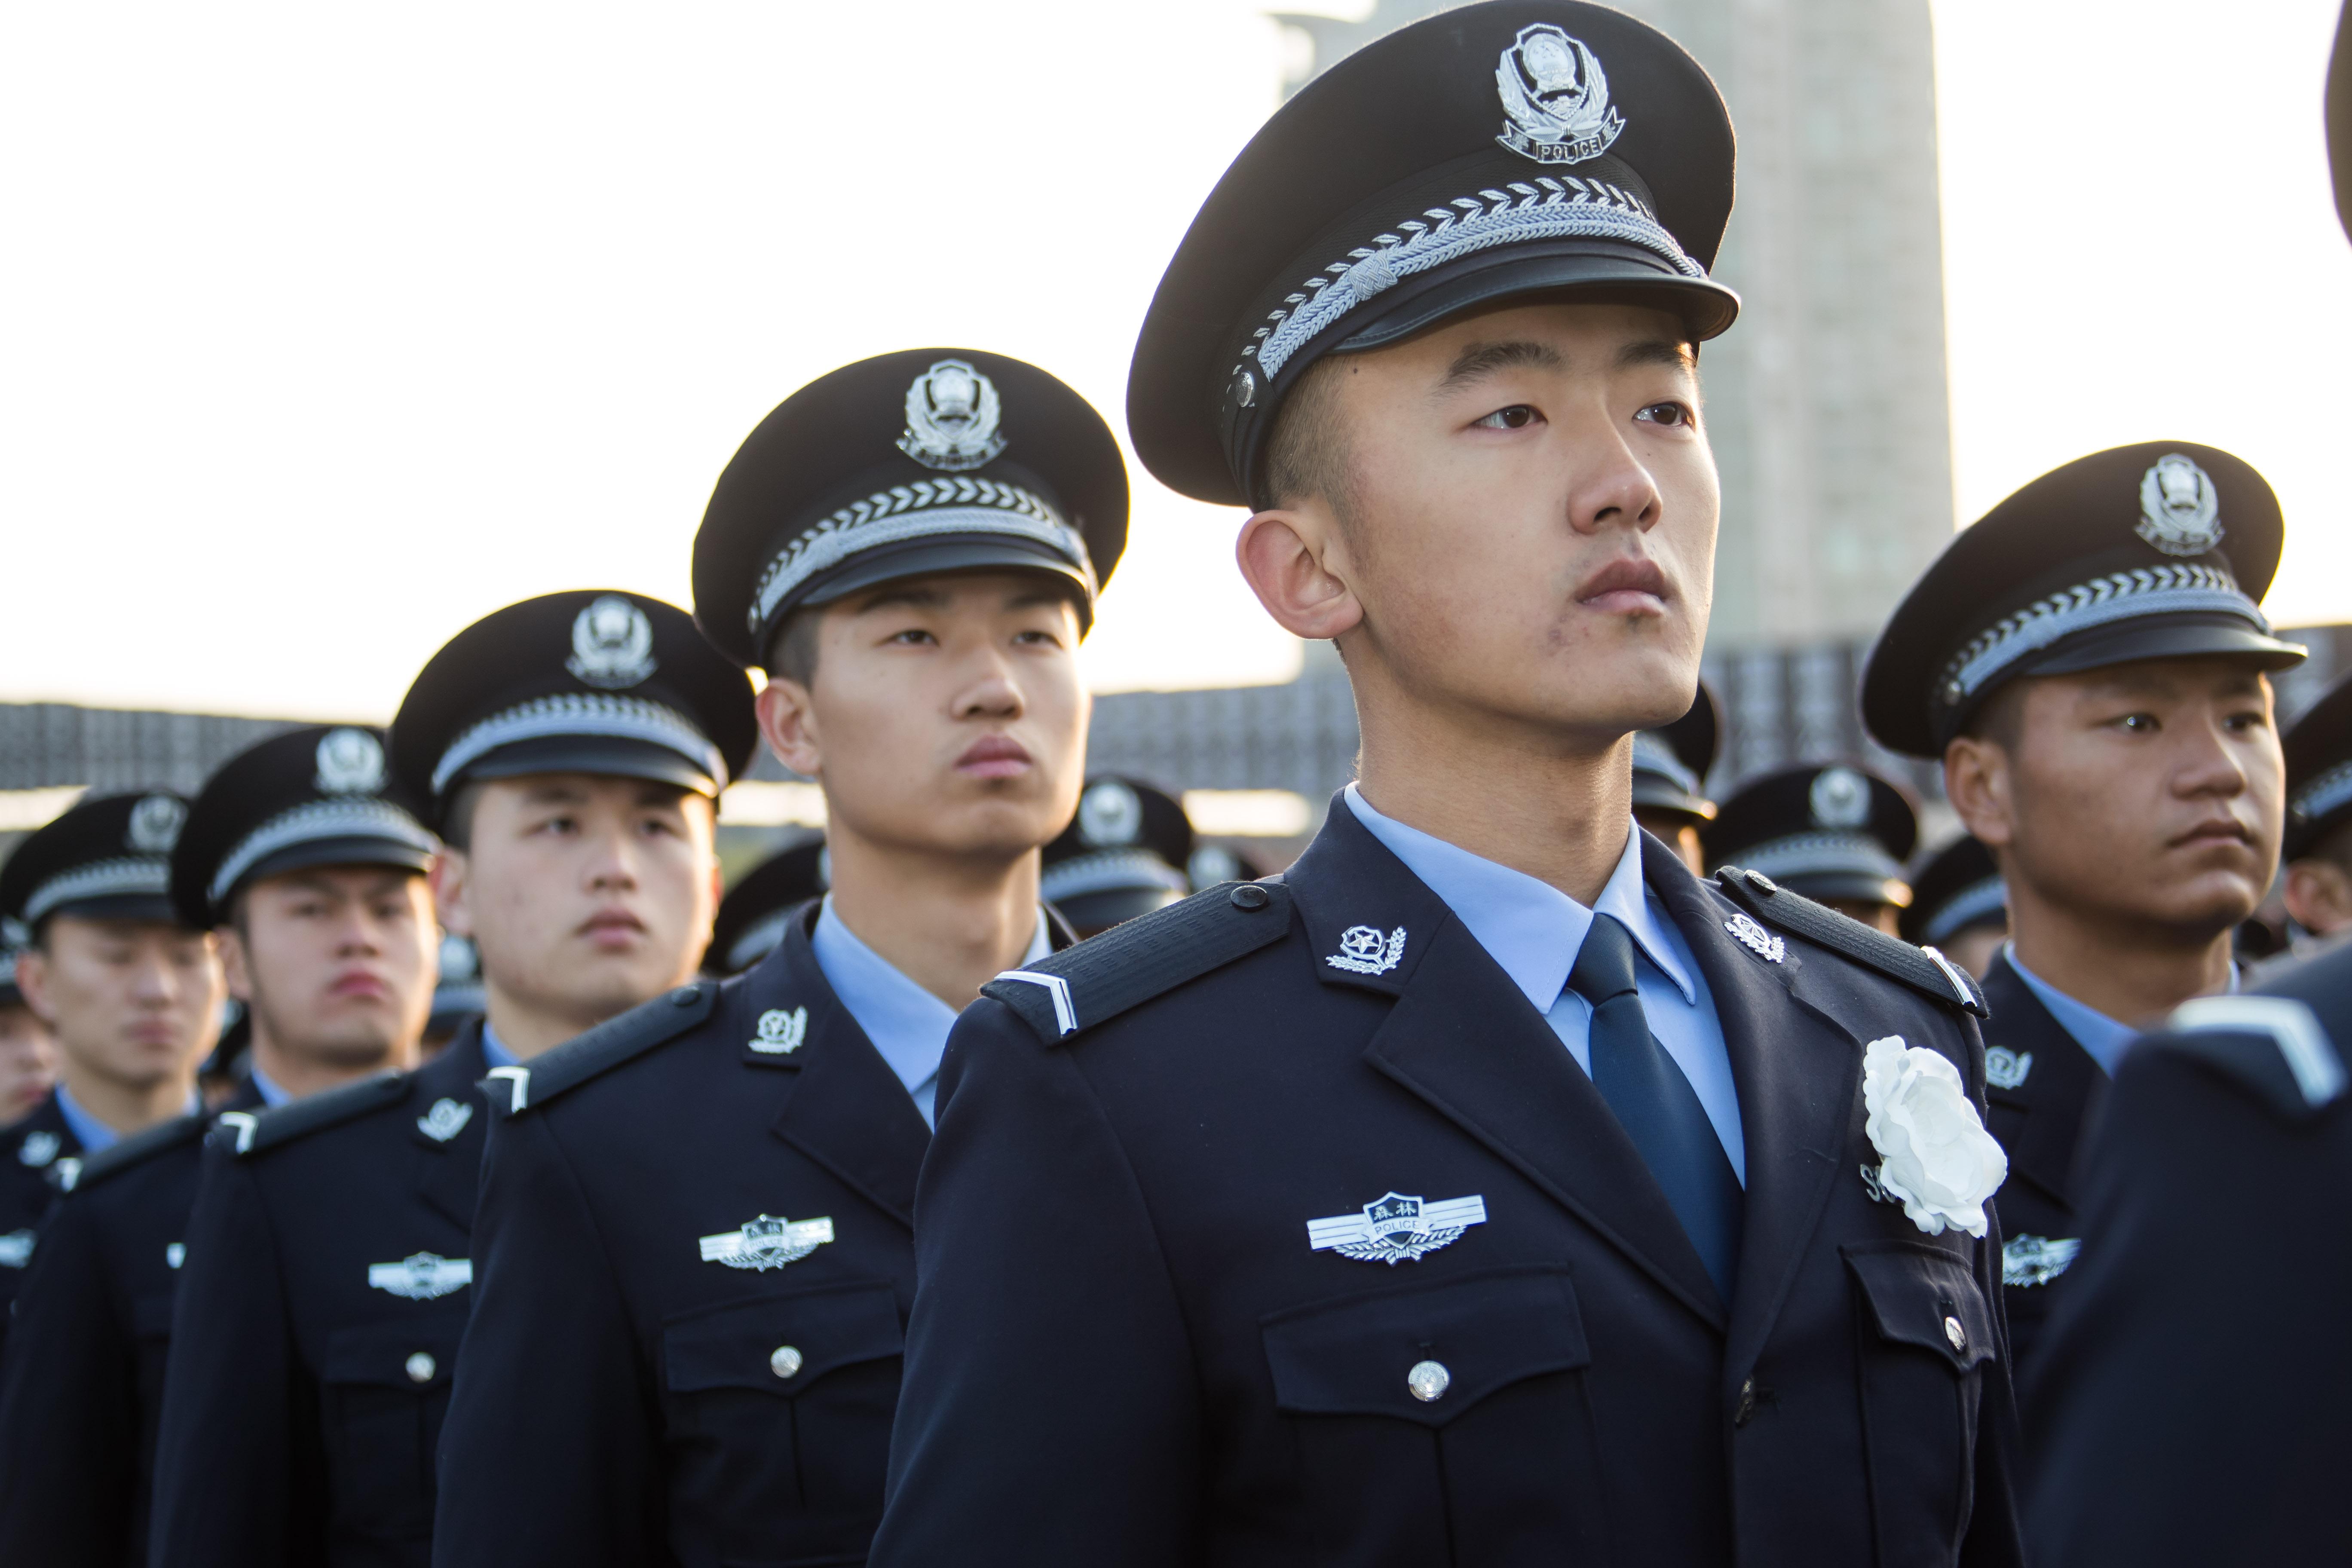 Letartóztattak egy amerikai repülőgépgyárakban kémkedő kínait